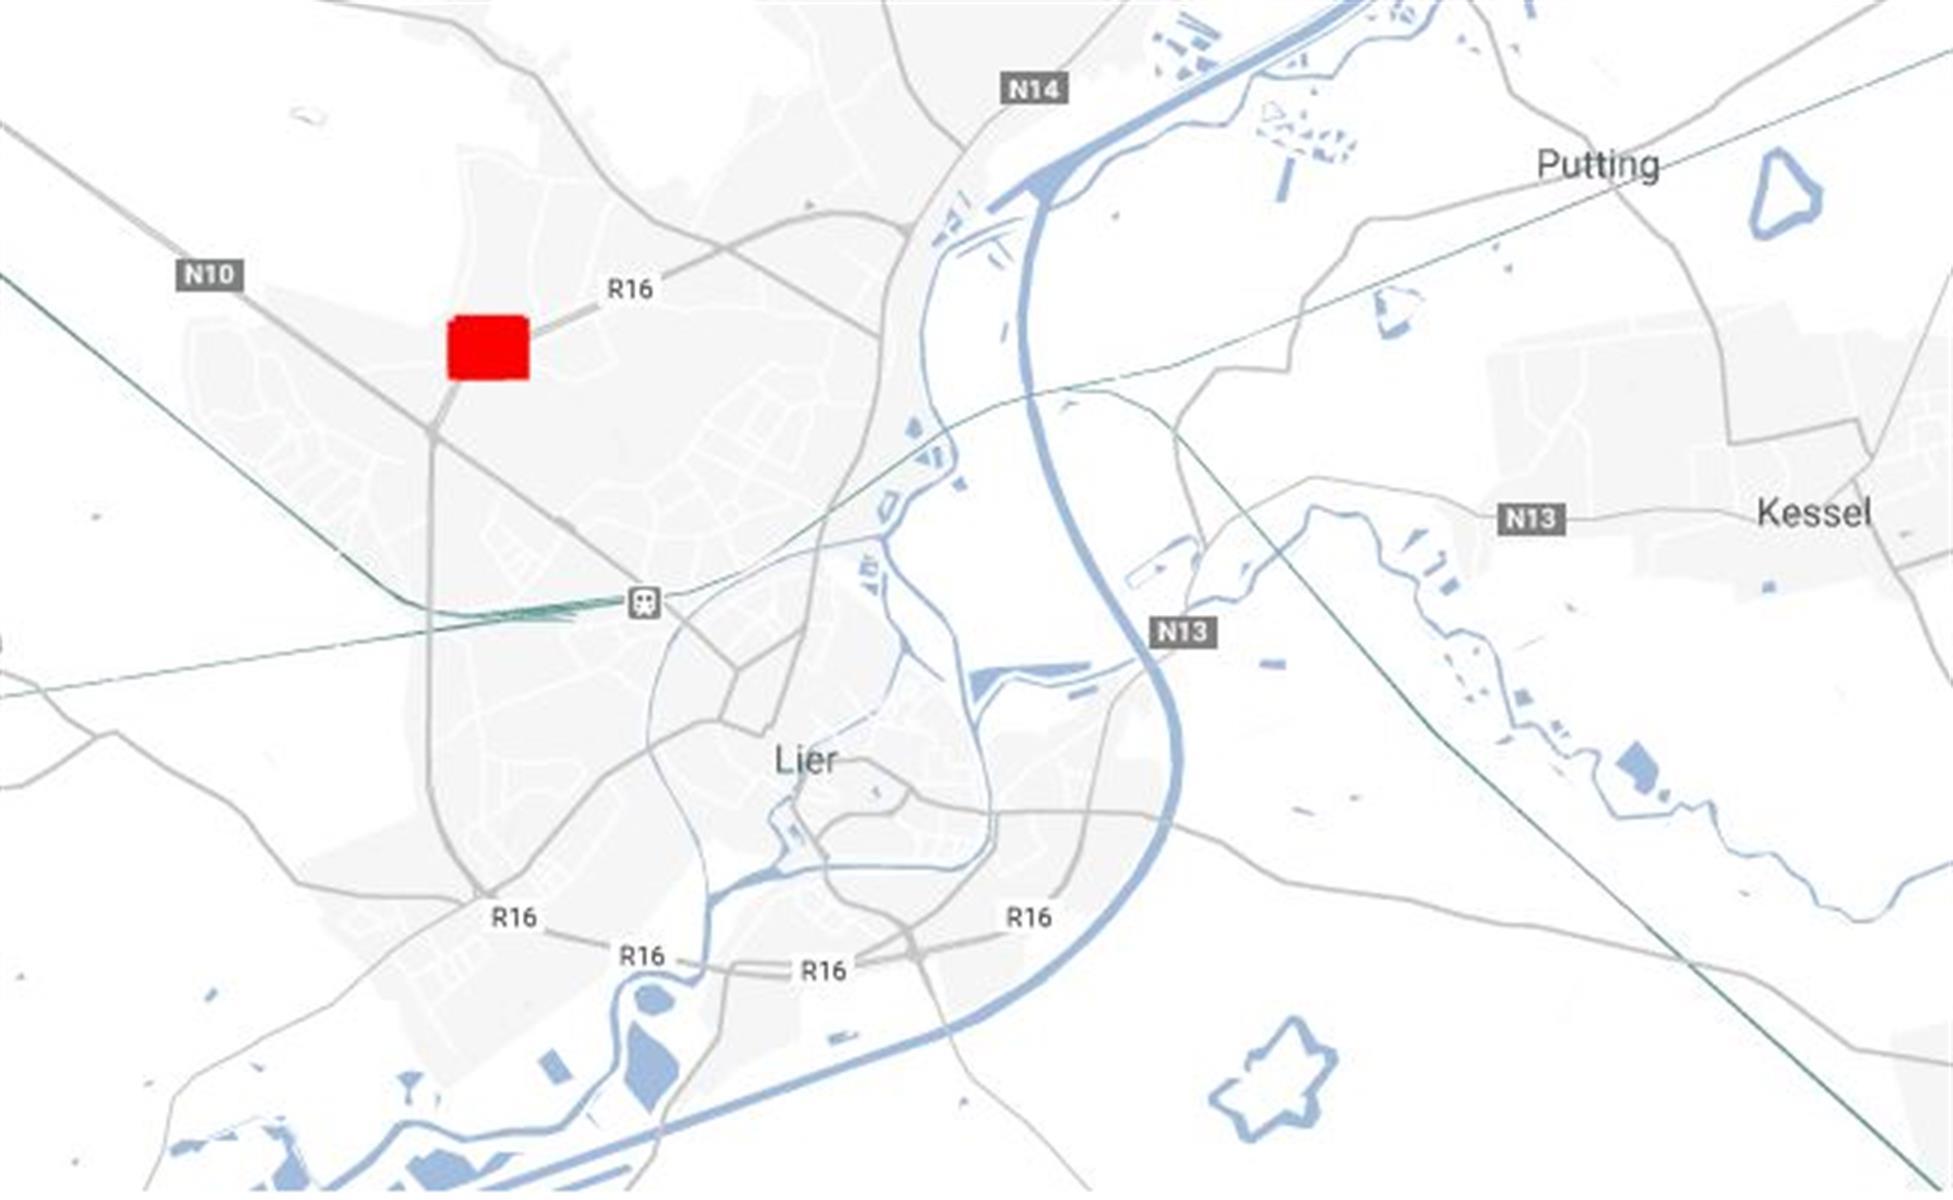 KMO-unit te koop BOLLAARPARK LIER - 2500 Lier, België 7